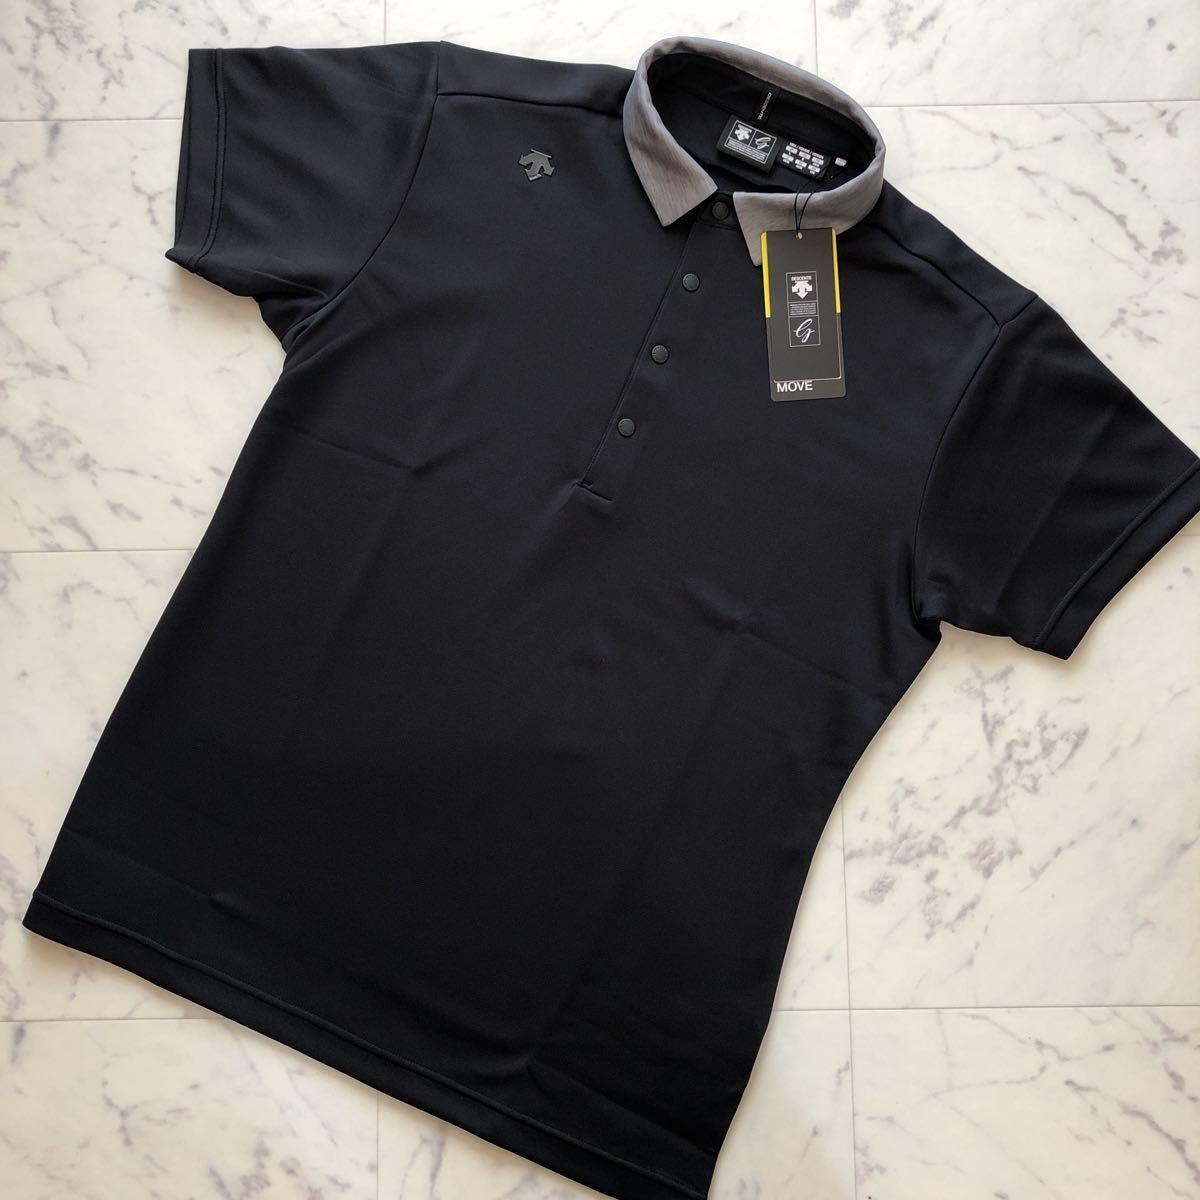 【新品】DESCENTE GOLF デサントゴルフ ウォーターブロック鹿の子ショートスリーブシャツ DGMMJA02 / ブラック / L / #515